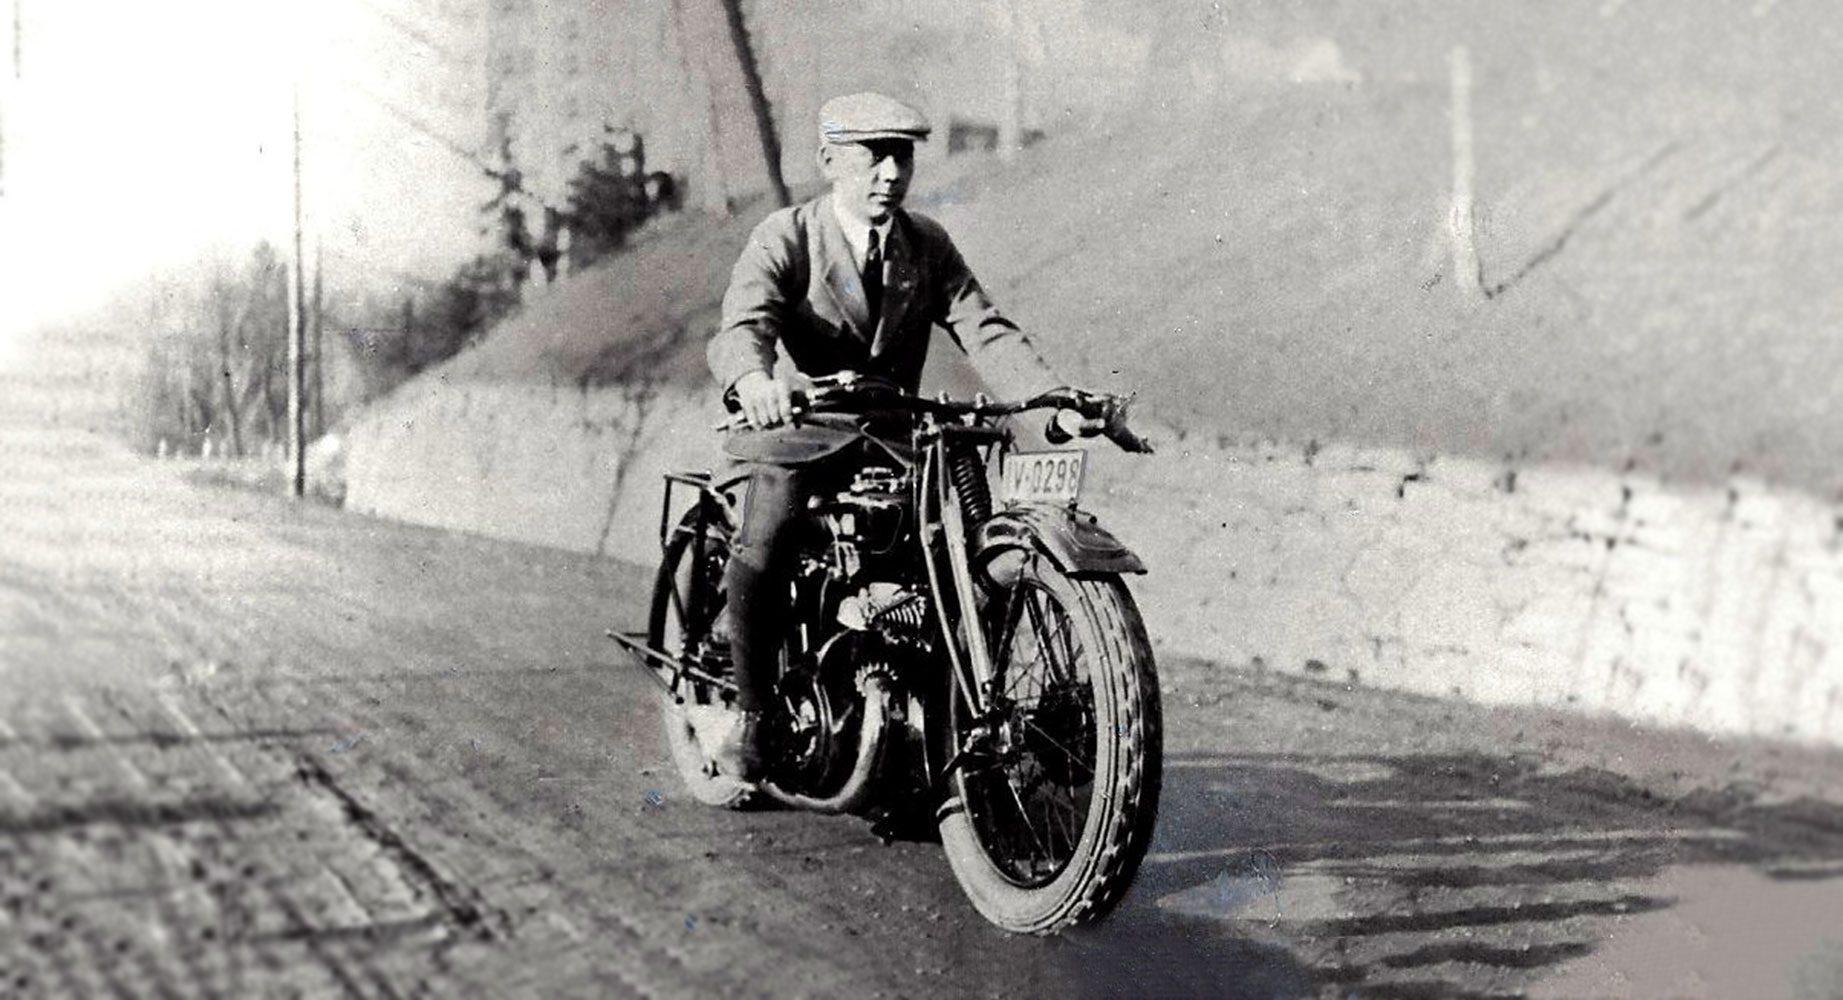 DKW-Chefkonstrukteur Hermann Weber fährt auf einem Motorrad